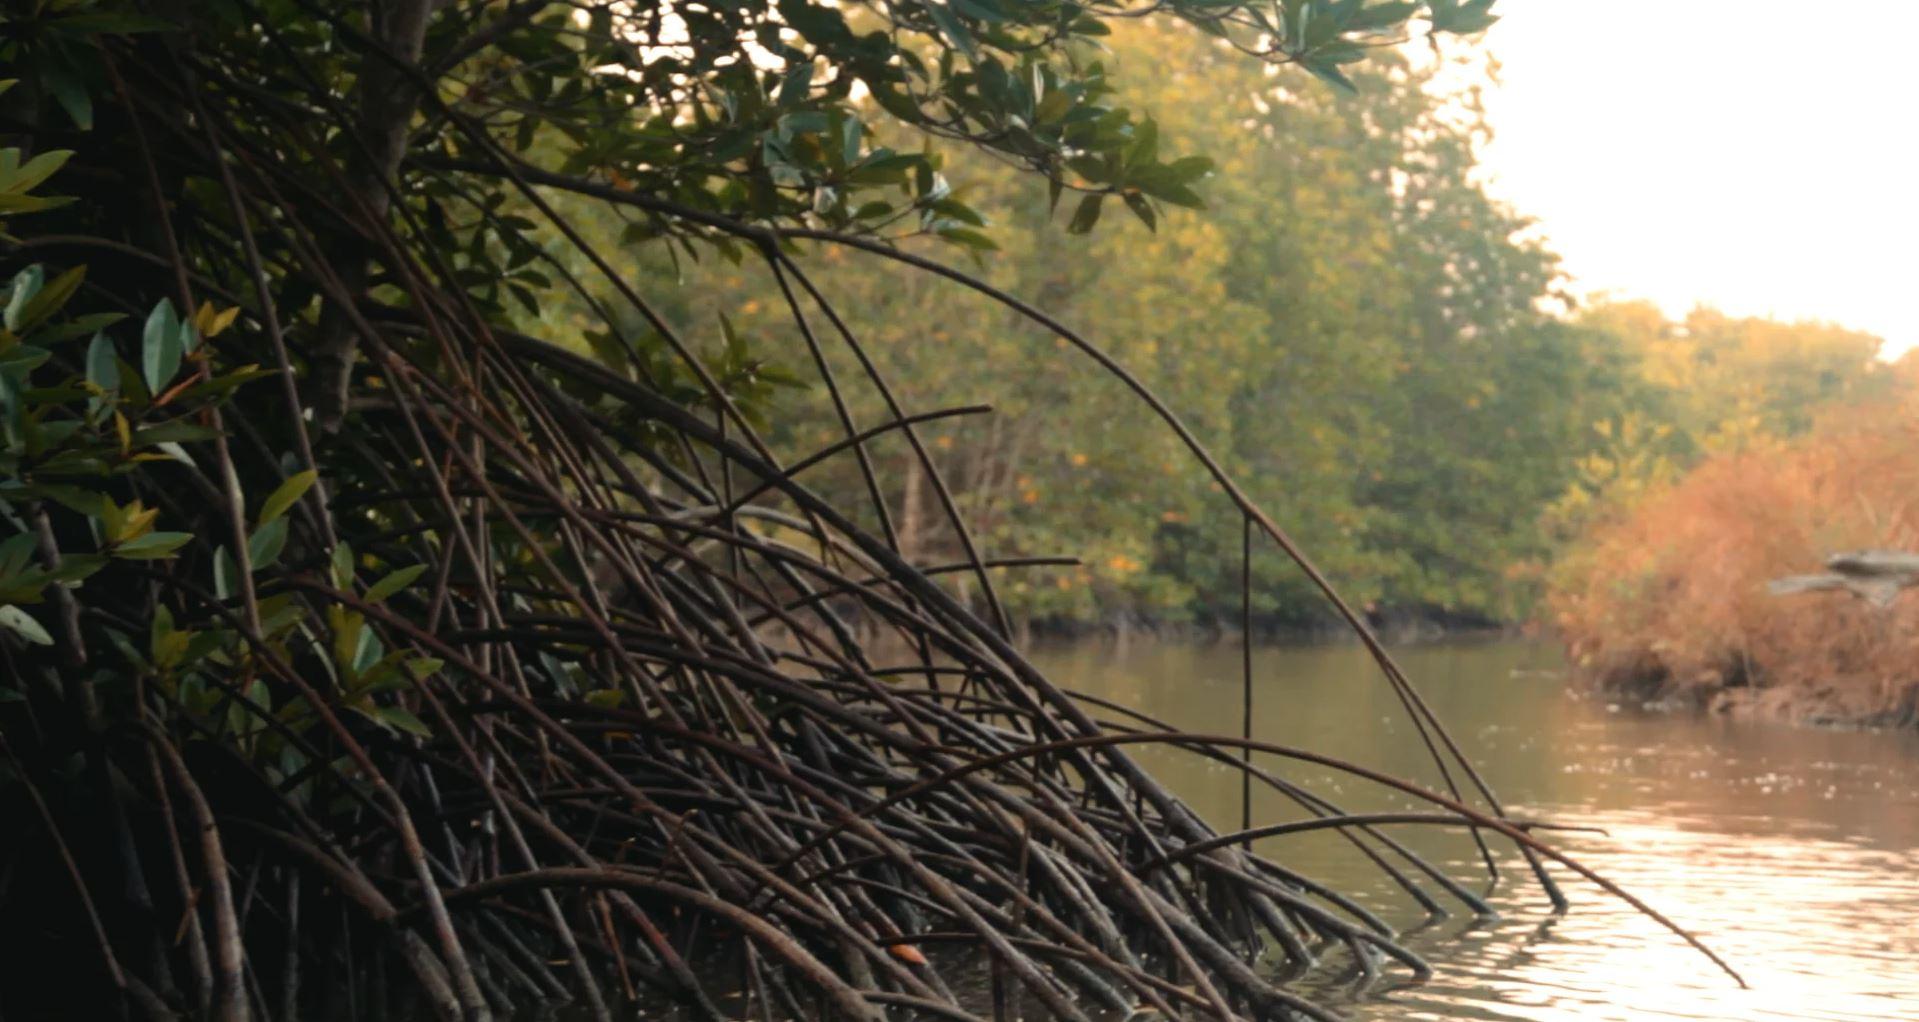 Selva Shrimps imagefilm by Rocc Film